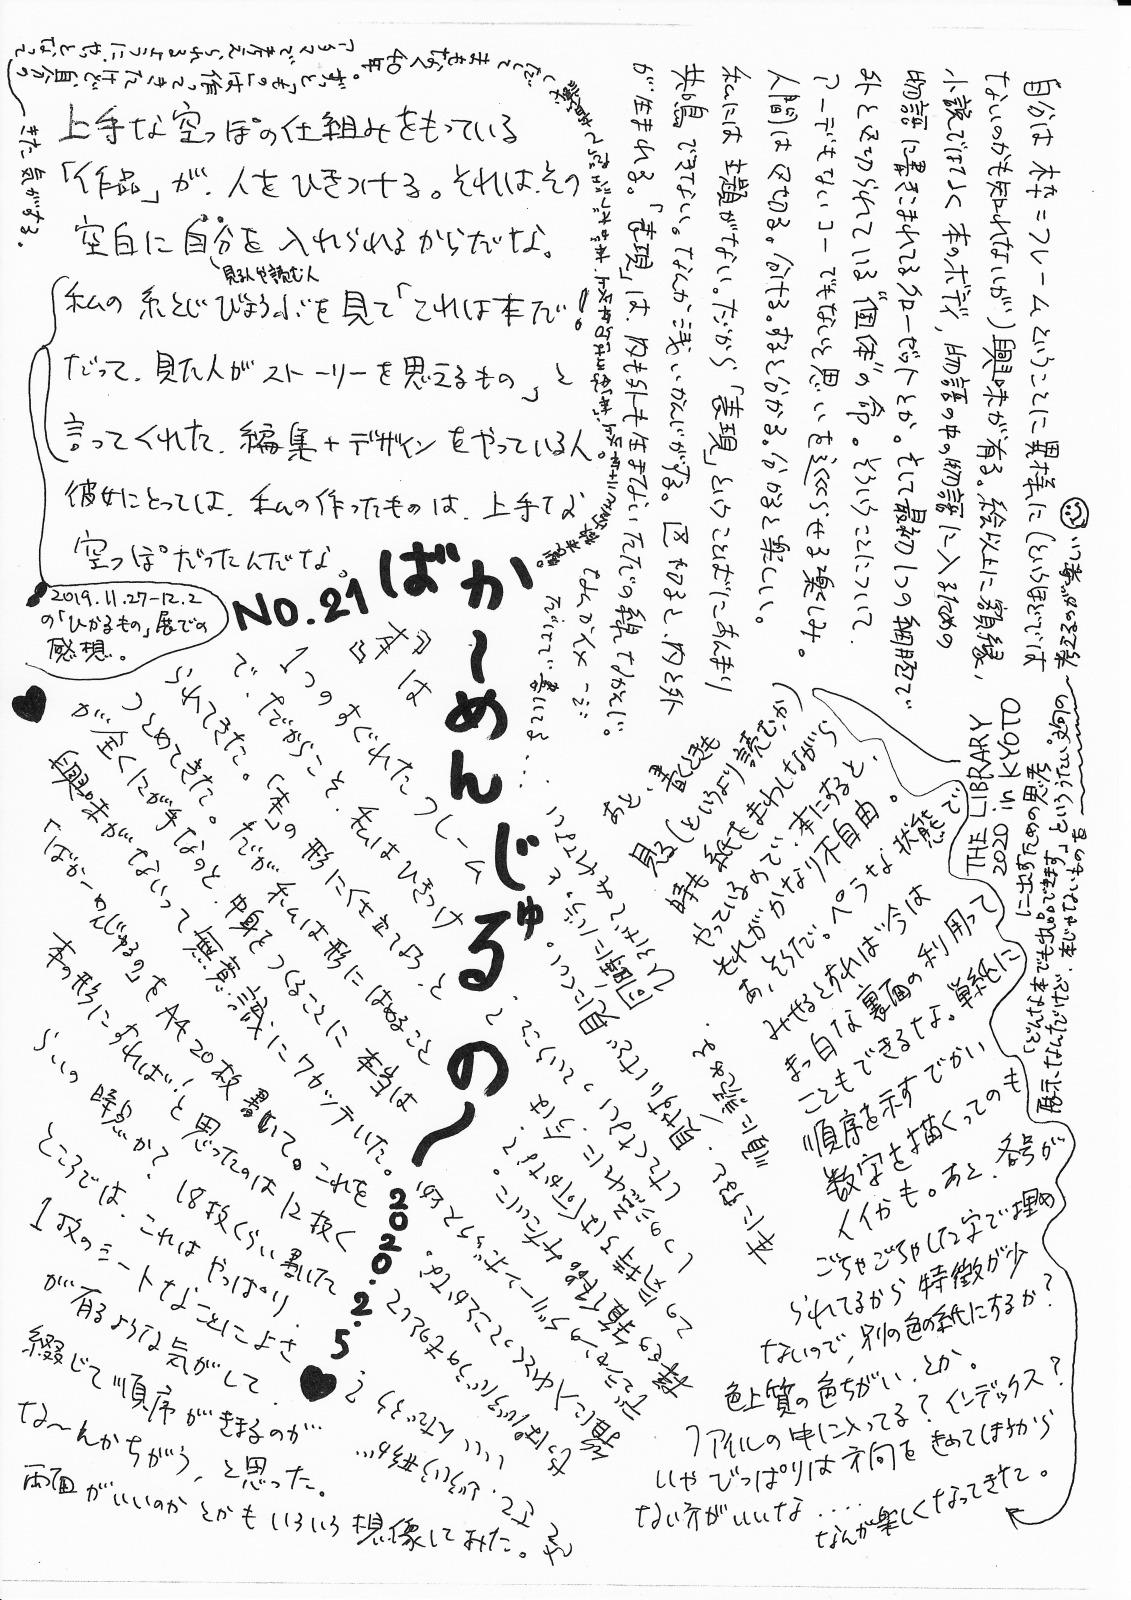 http://yoyamazaki.jp/blog/blog/%E3%81%B0%E3%81%8B%E3%83%BC%E3%82%81%E3%82%93%E3%81%98%E3%82%85%E3%82%8B%E3%81%AE21.jpg